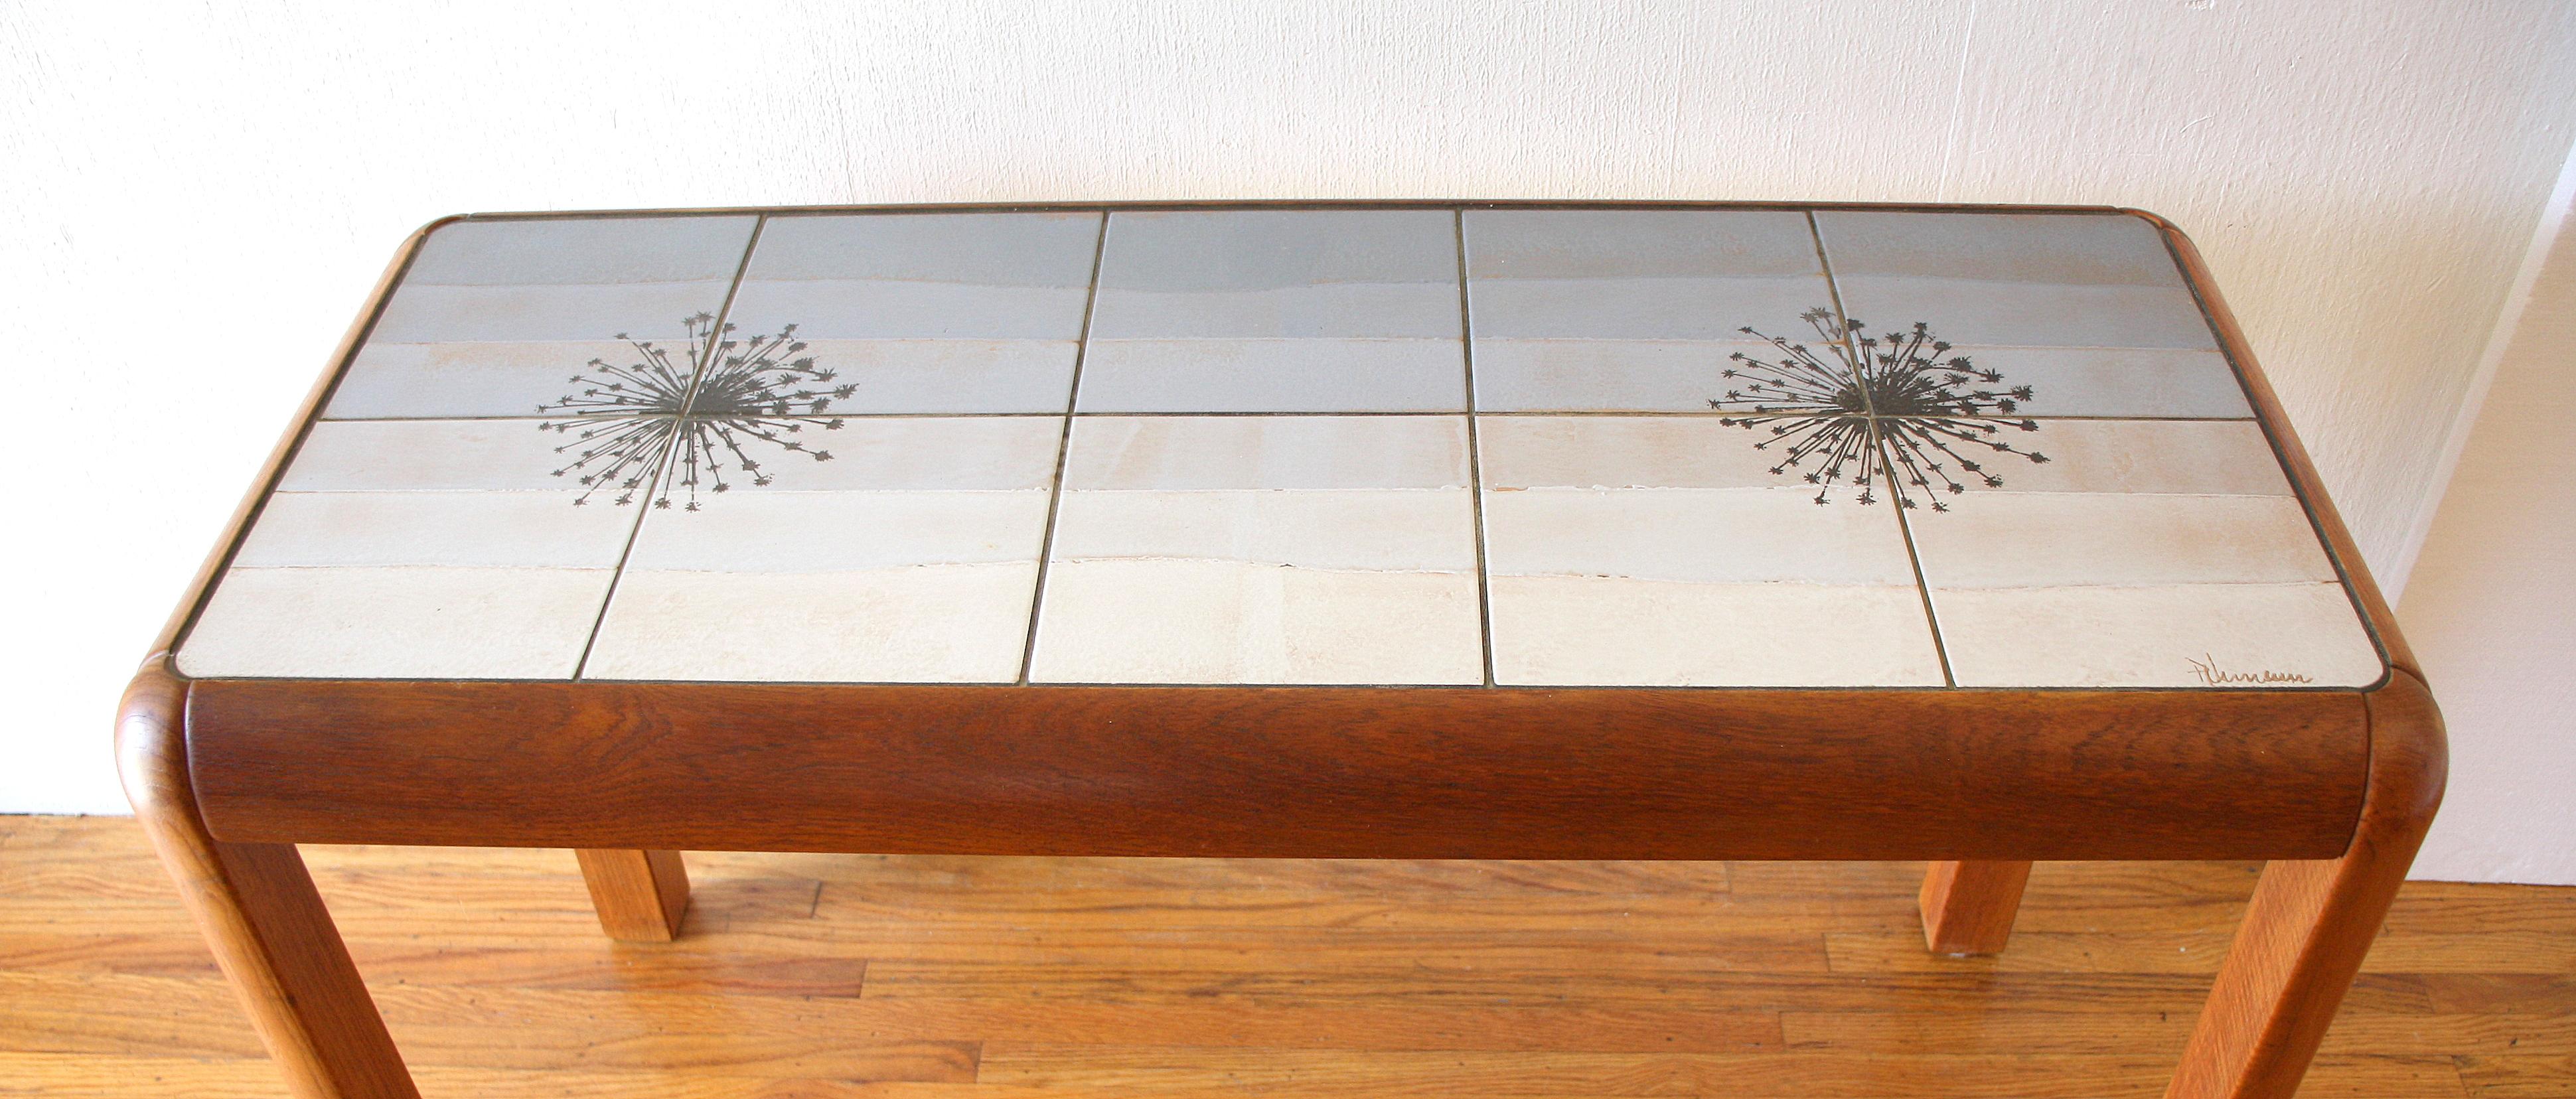 Poulsen console table 3